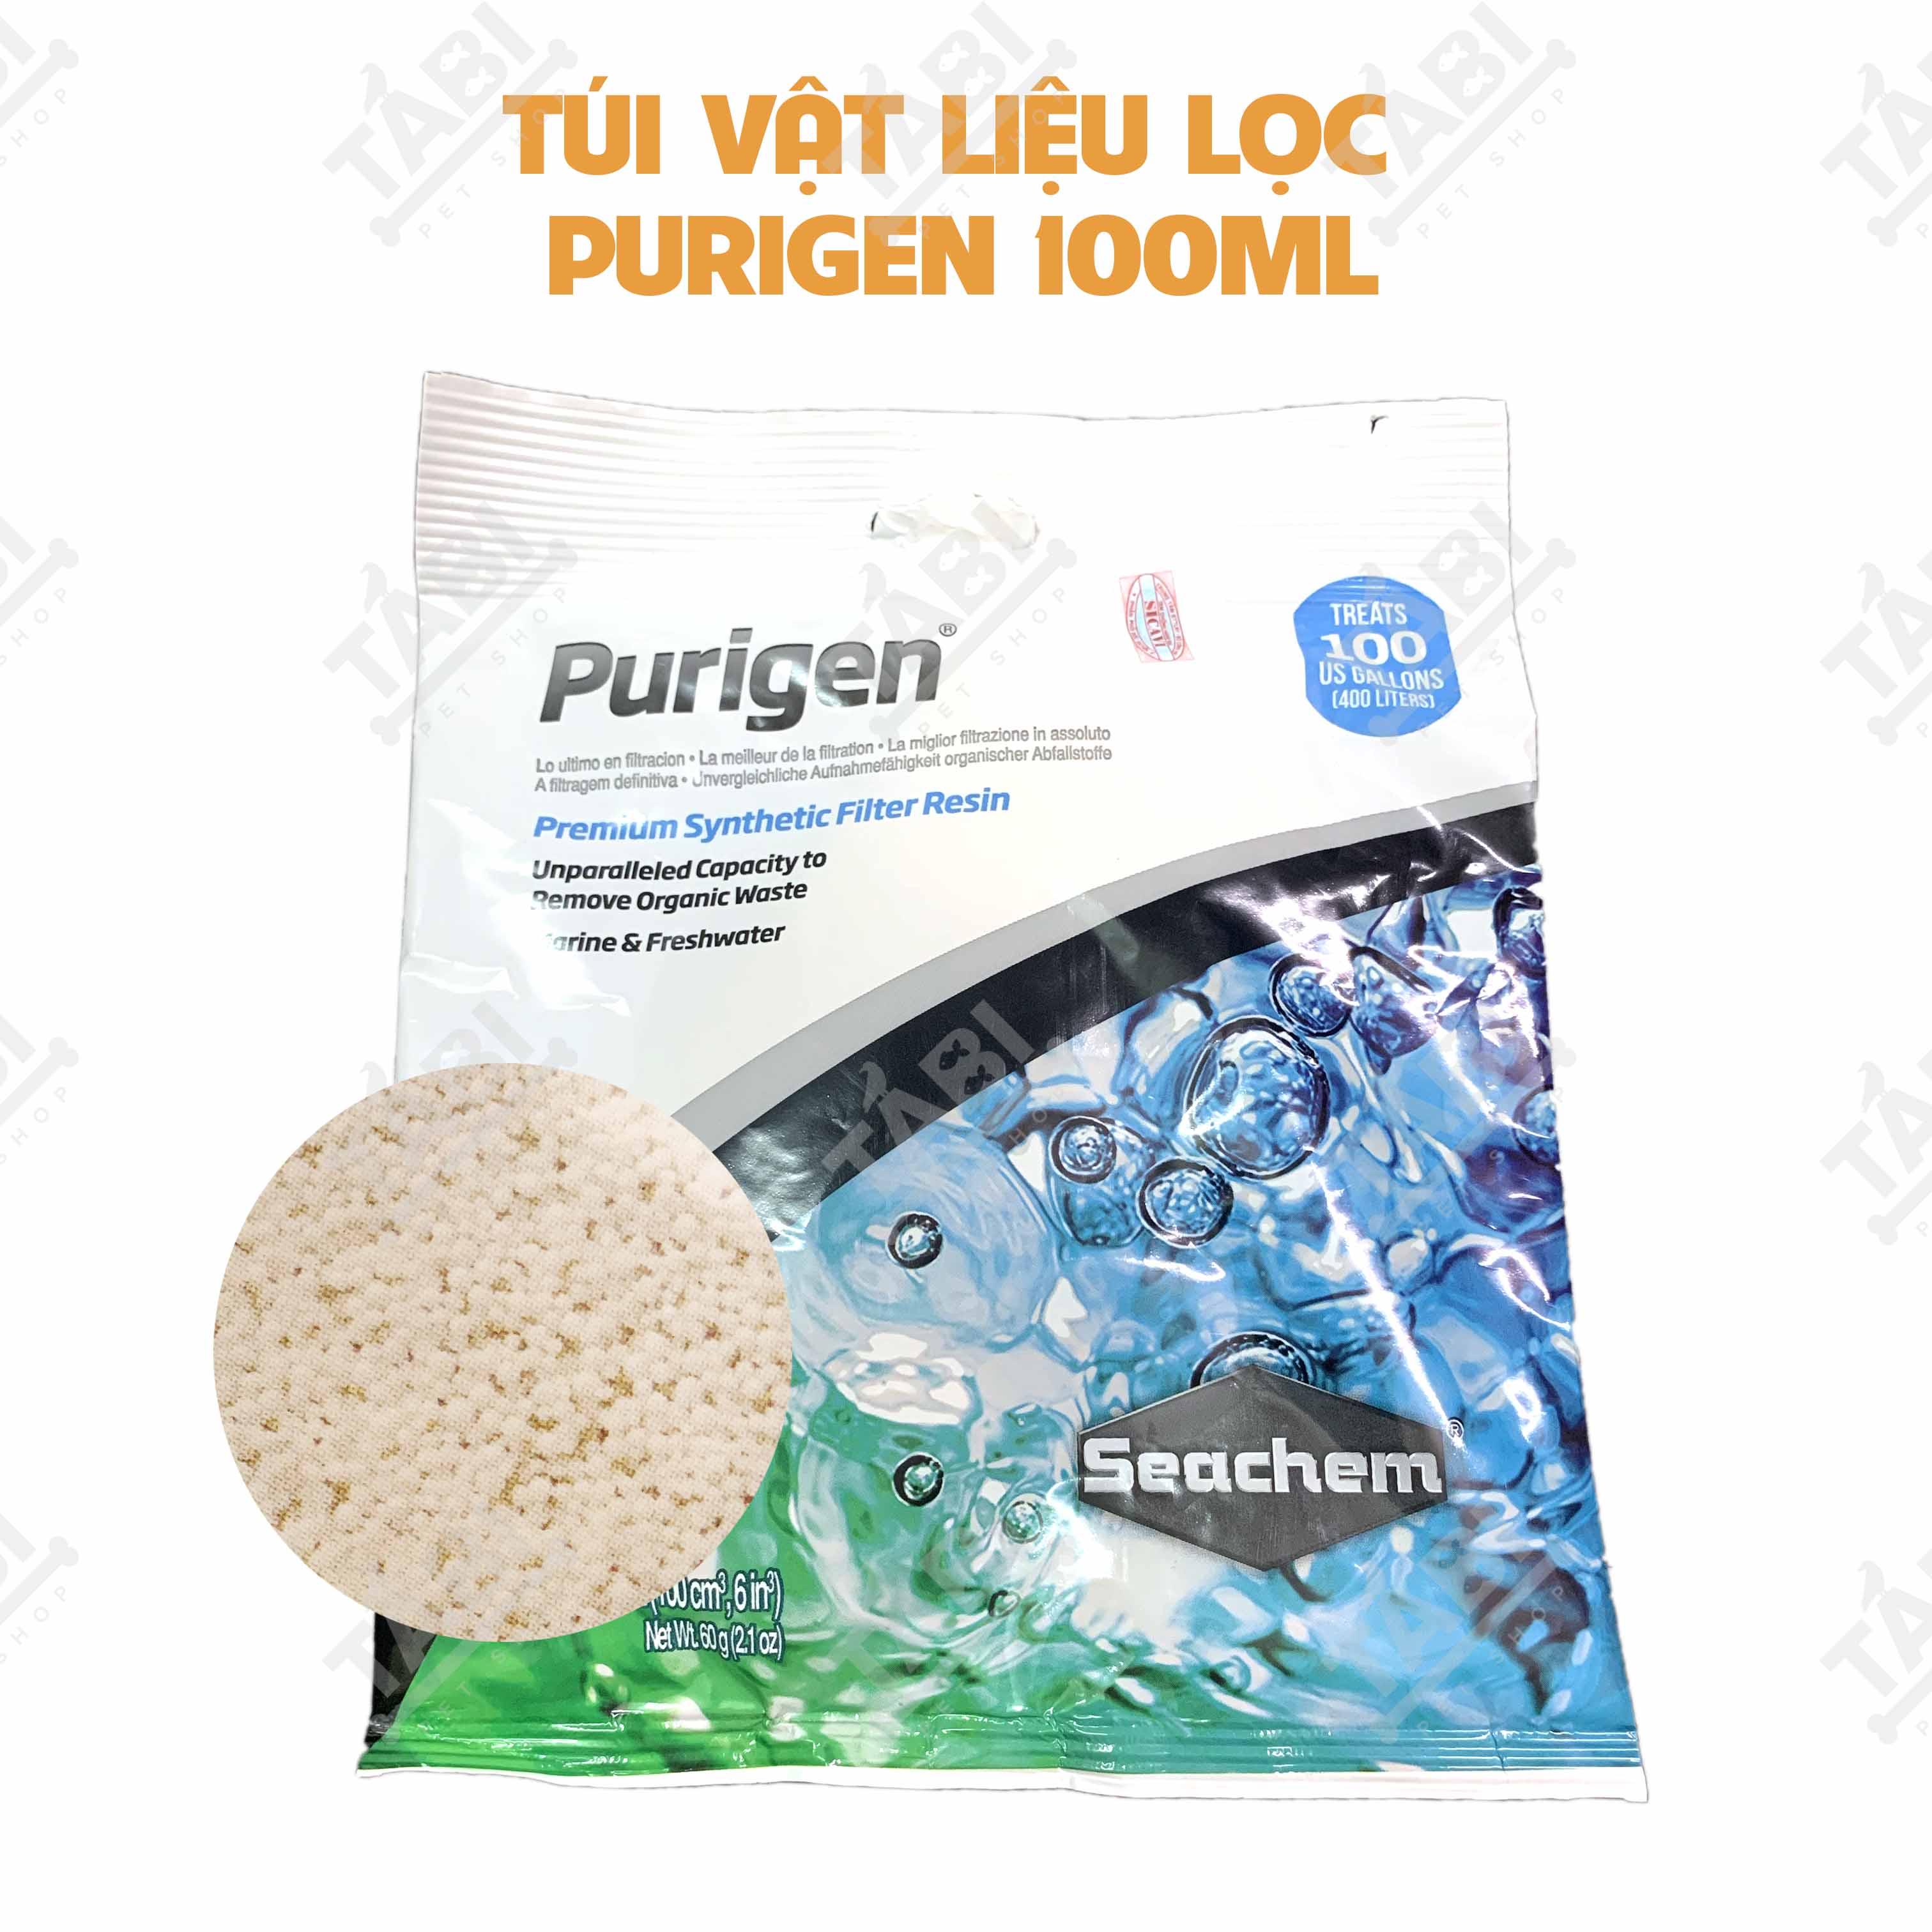 Vật Liệu Lọc Purigen Seachem Túi 100ML Khử Độc Làm Trong Nước Hồ Cá.